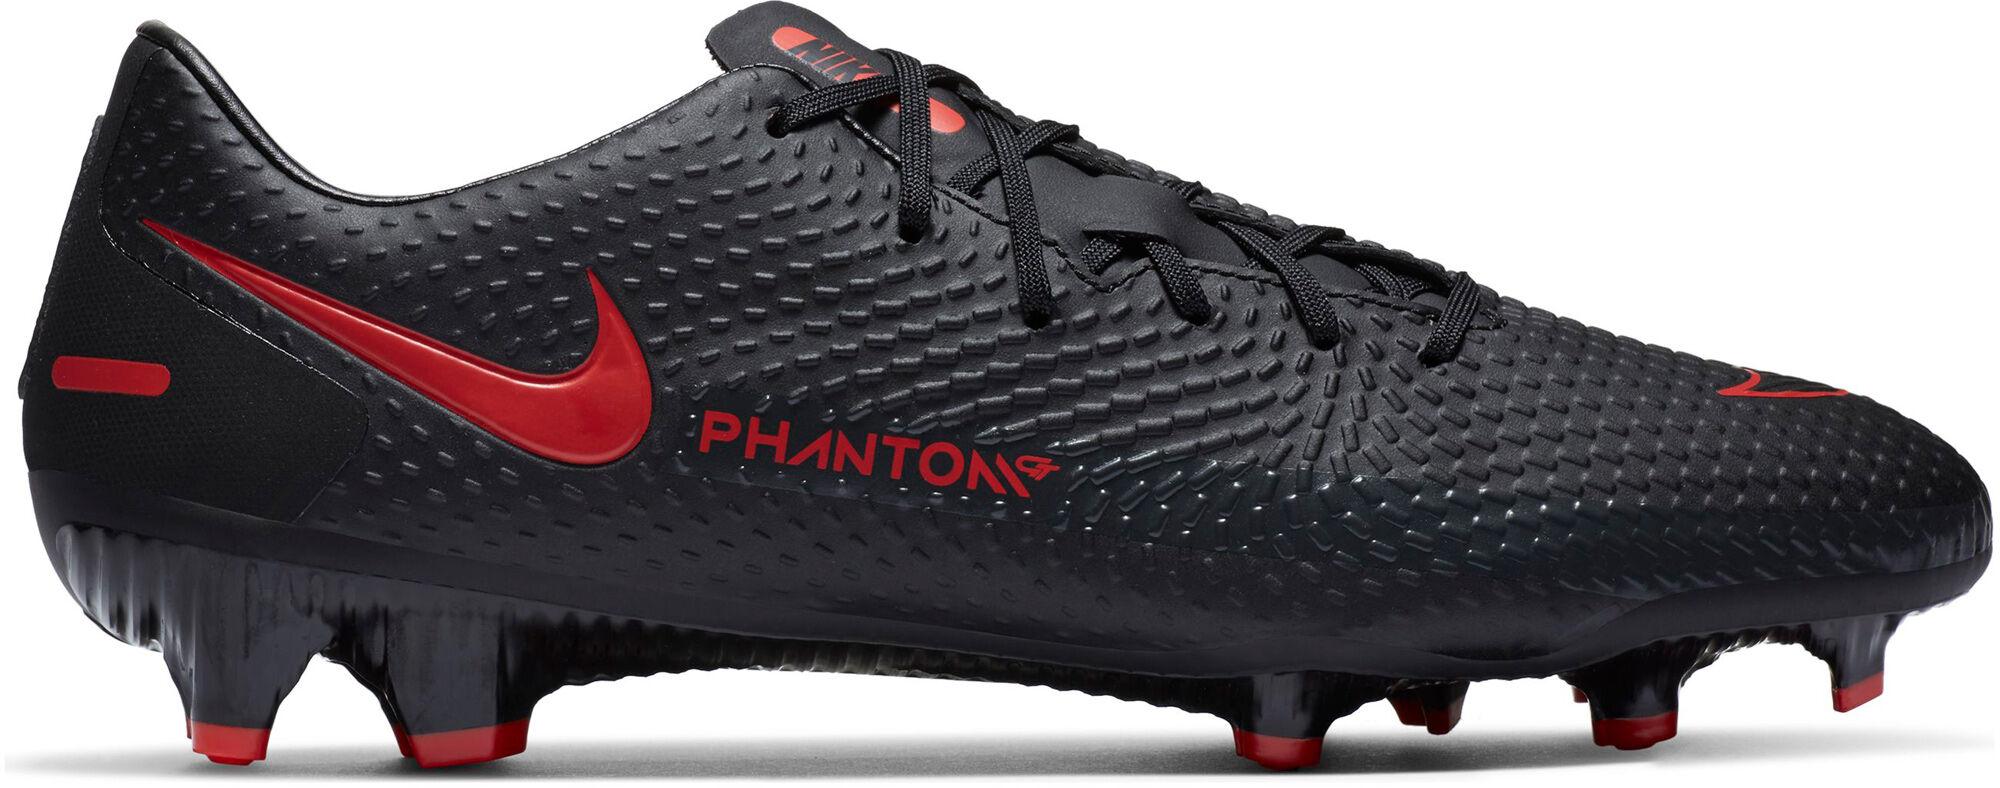 Zwart/rode voetbalschoenen Nike Phantom GT Academy - CK8460 060